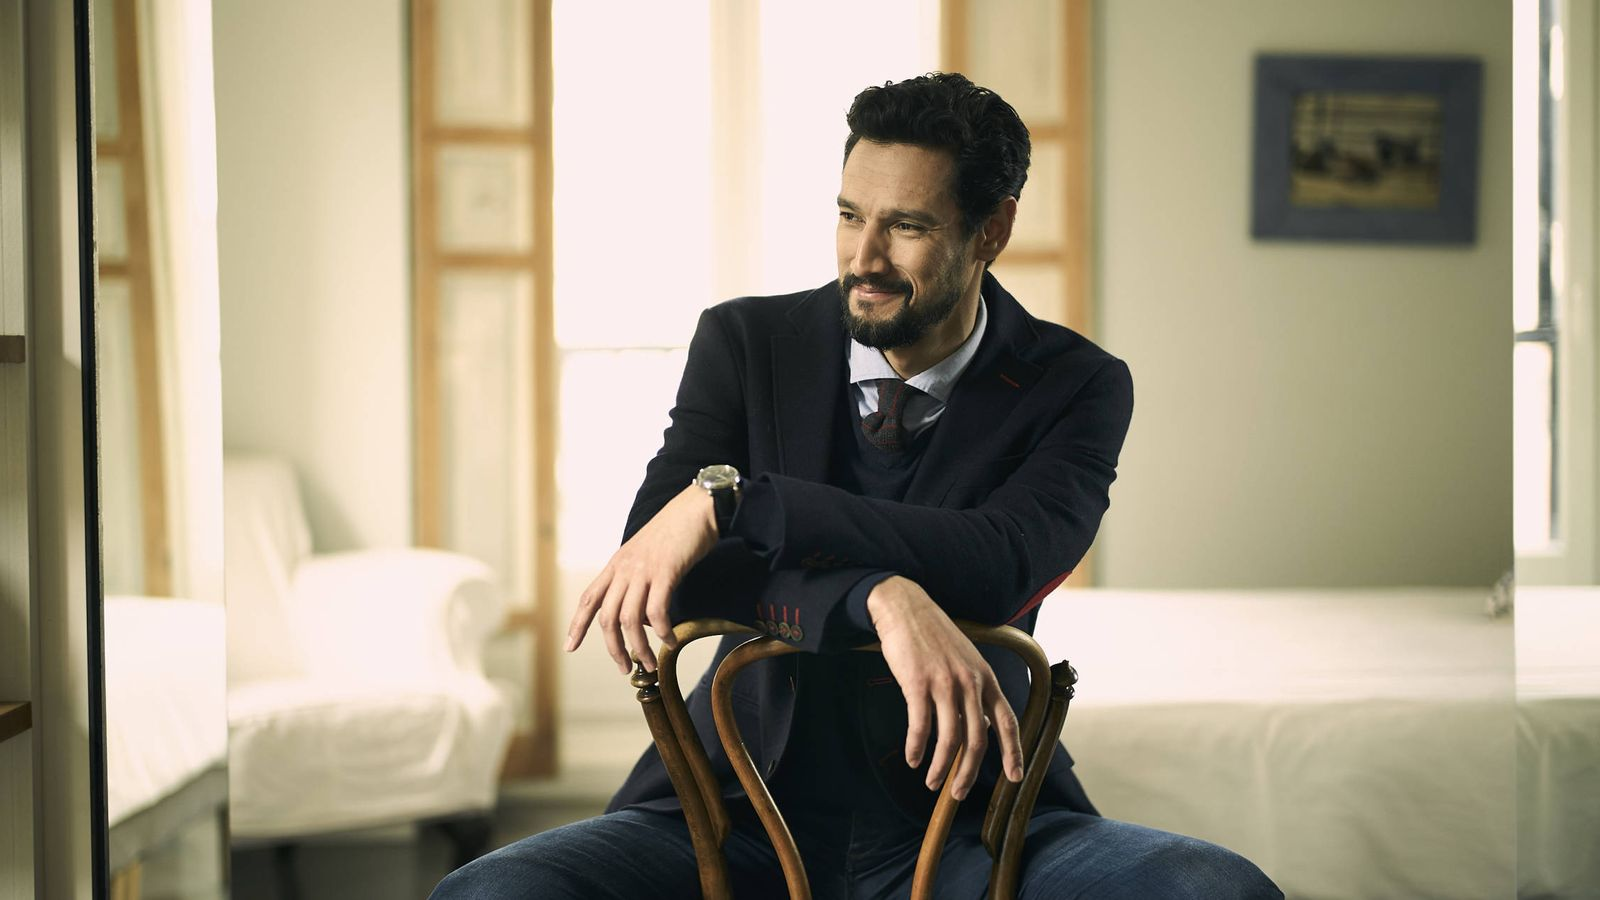 Foto: El coach y actor Stany Coppet. (Foto: Daniel Sánchez Alonso/ Maquillaje y peluquería: Sara Tejado para Hairkrone Madrid)